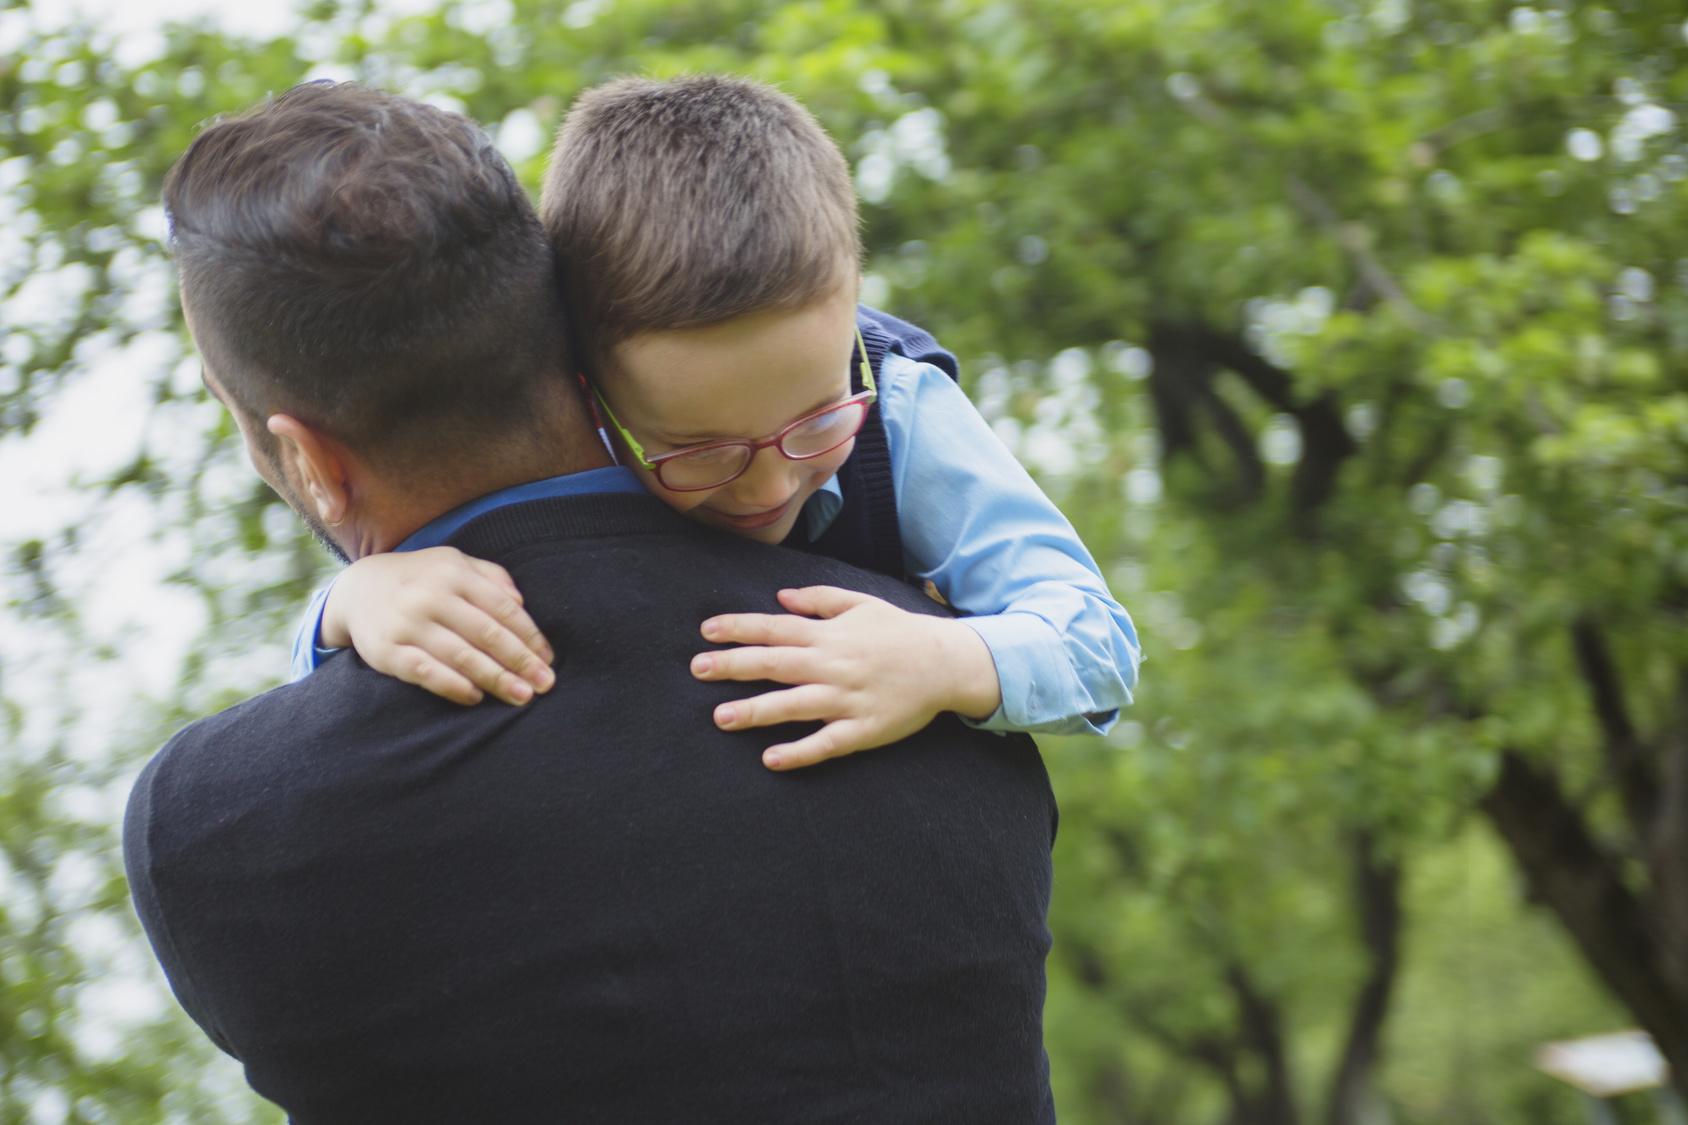 children need hugs daily